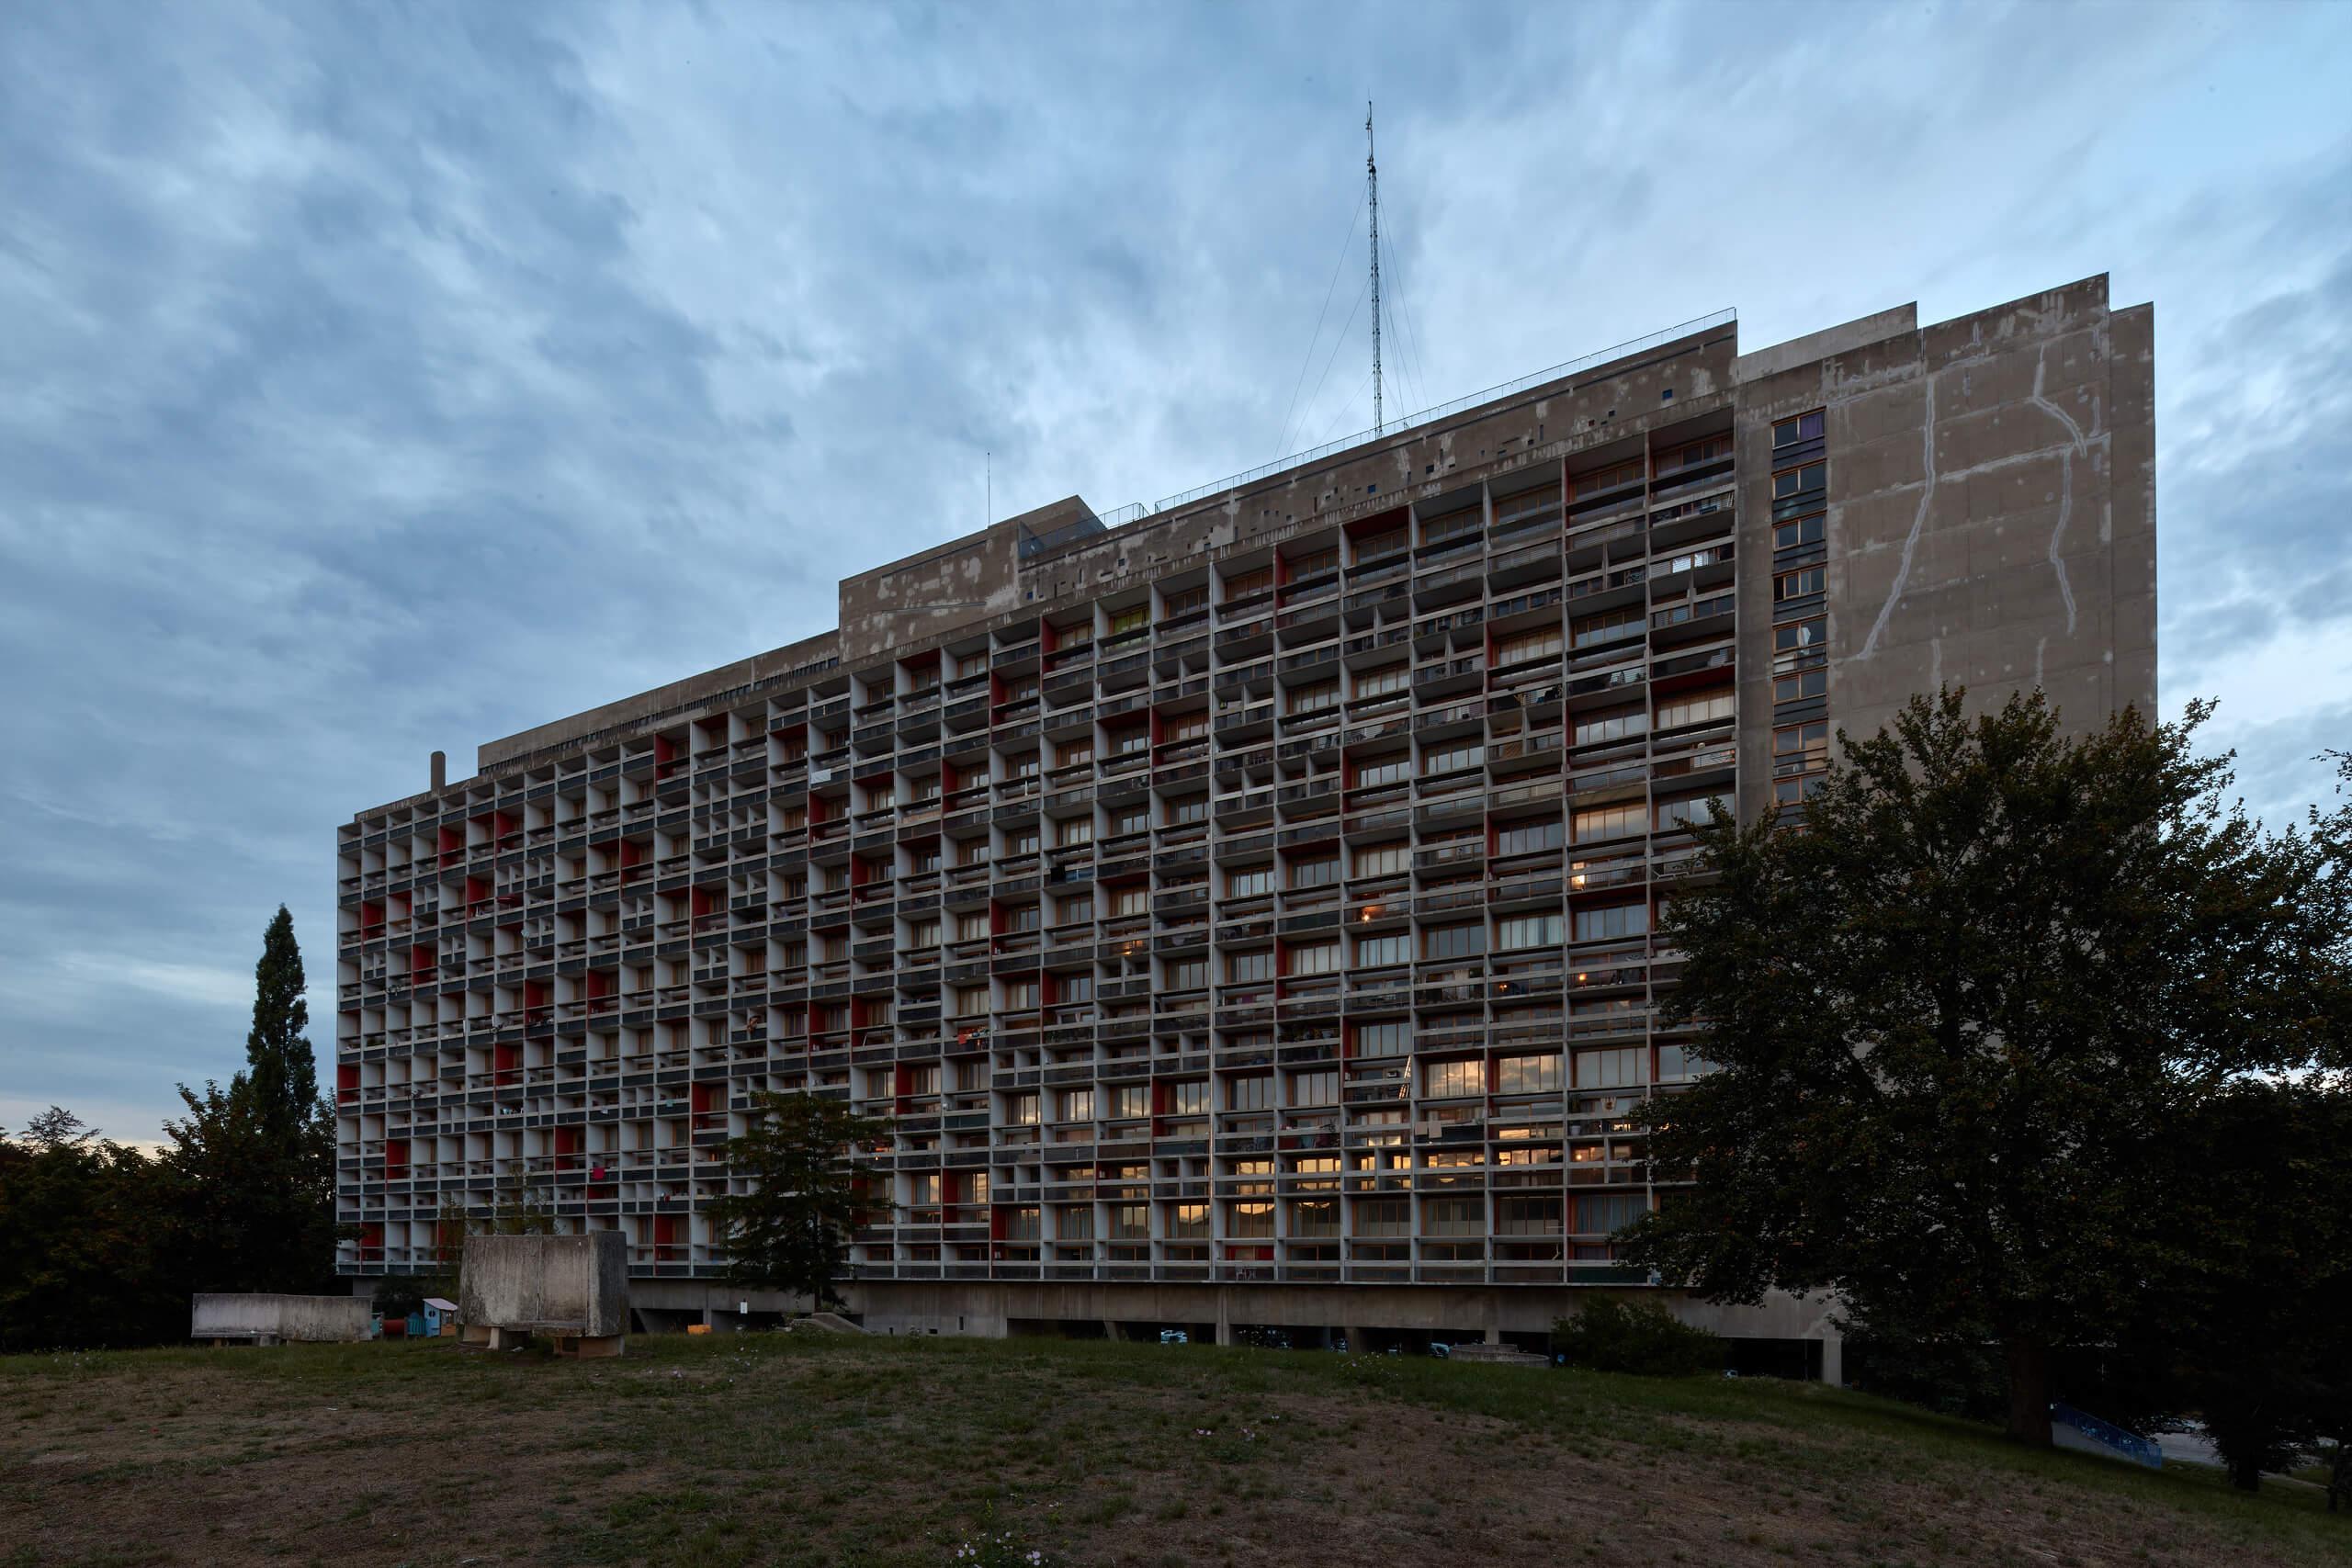 Federico_Covre_Unité_Firminy_Le_Corbusier_2018_67